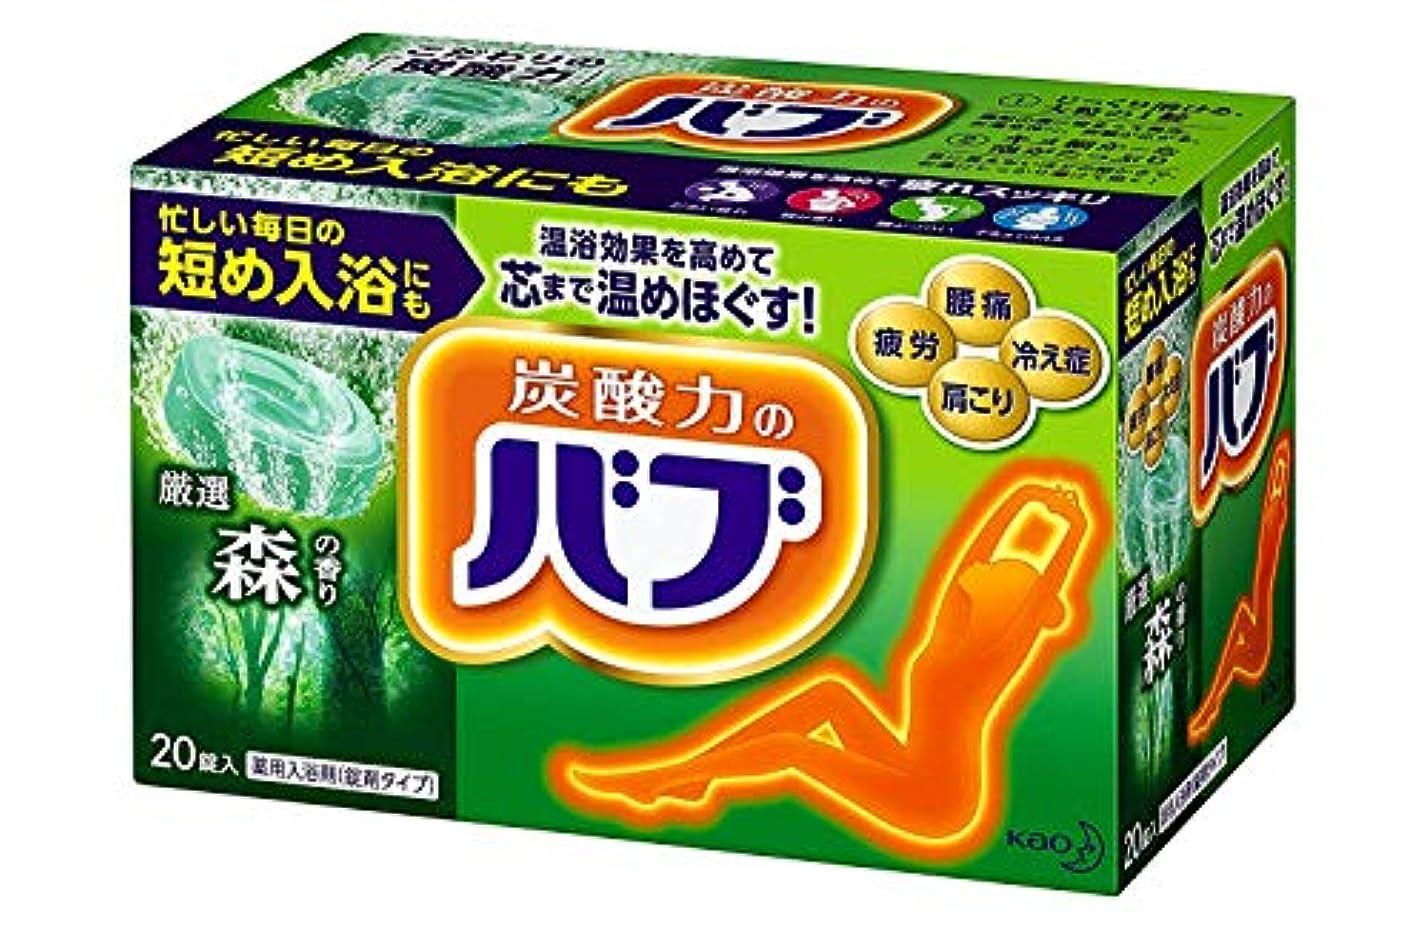 【花王】バブ 森の香り (20錠入) ×10個セット